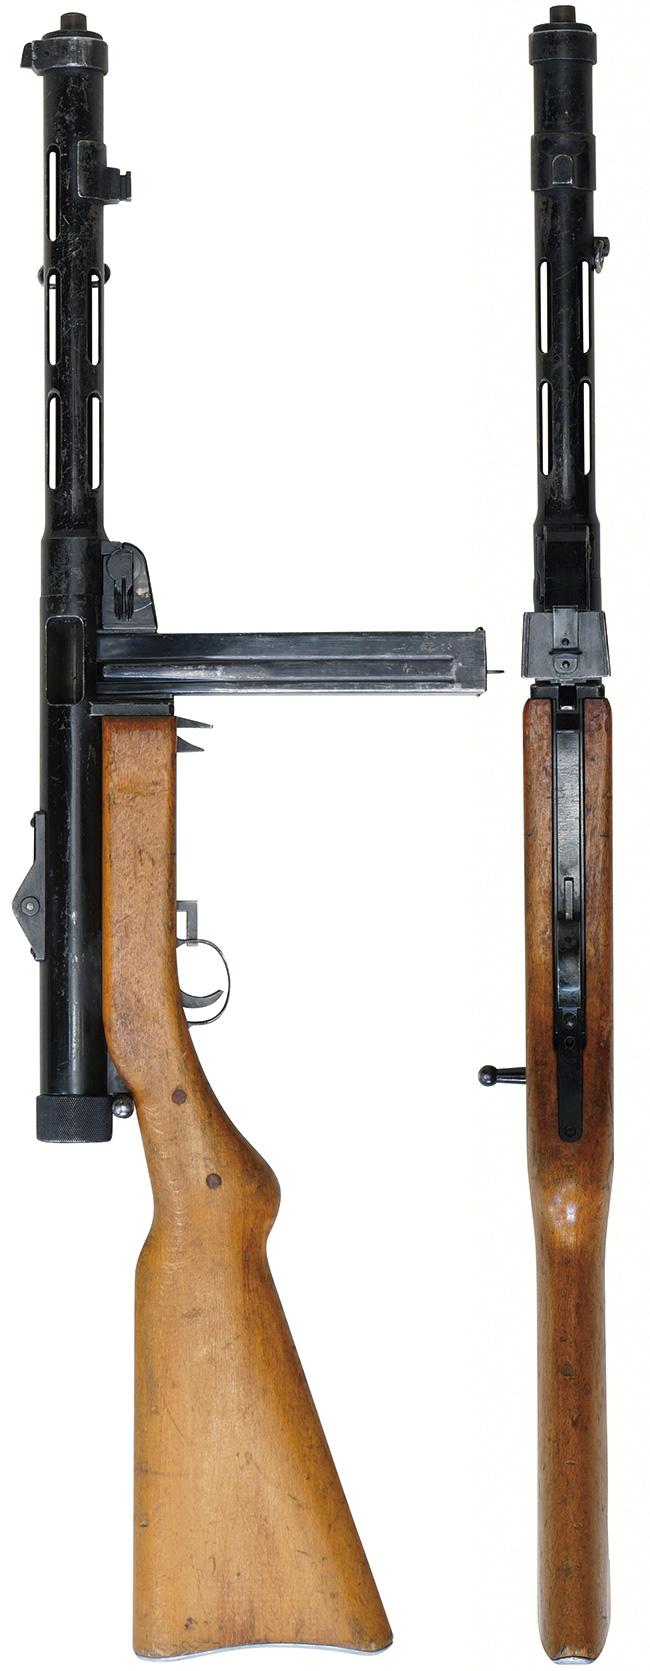 【5885】イスパノ・スイザ-MP43-44-短機関銃-(#122245)右.jpg